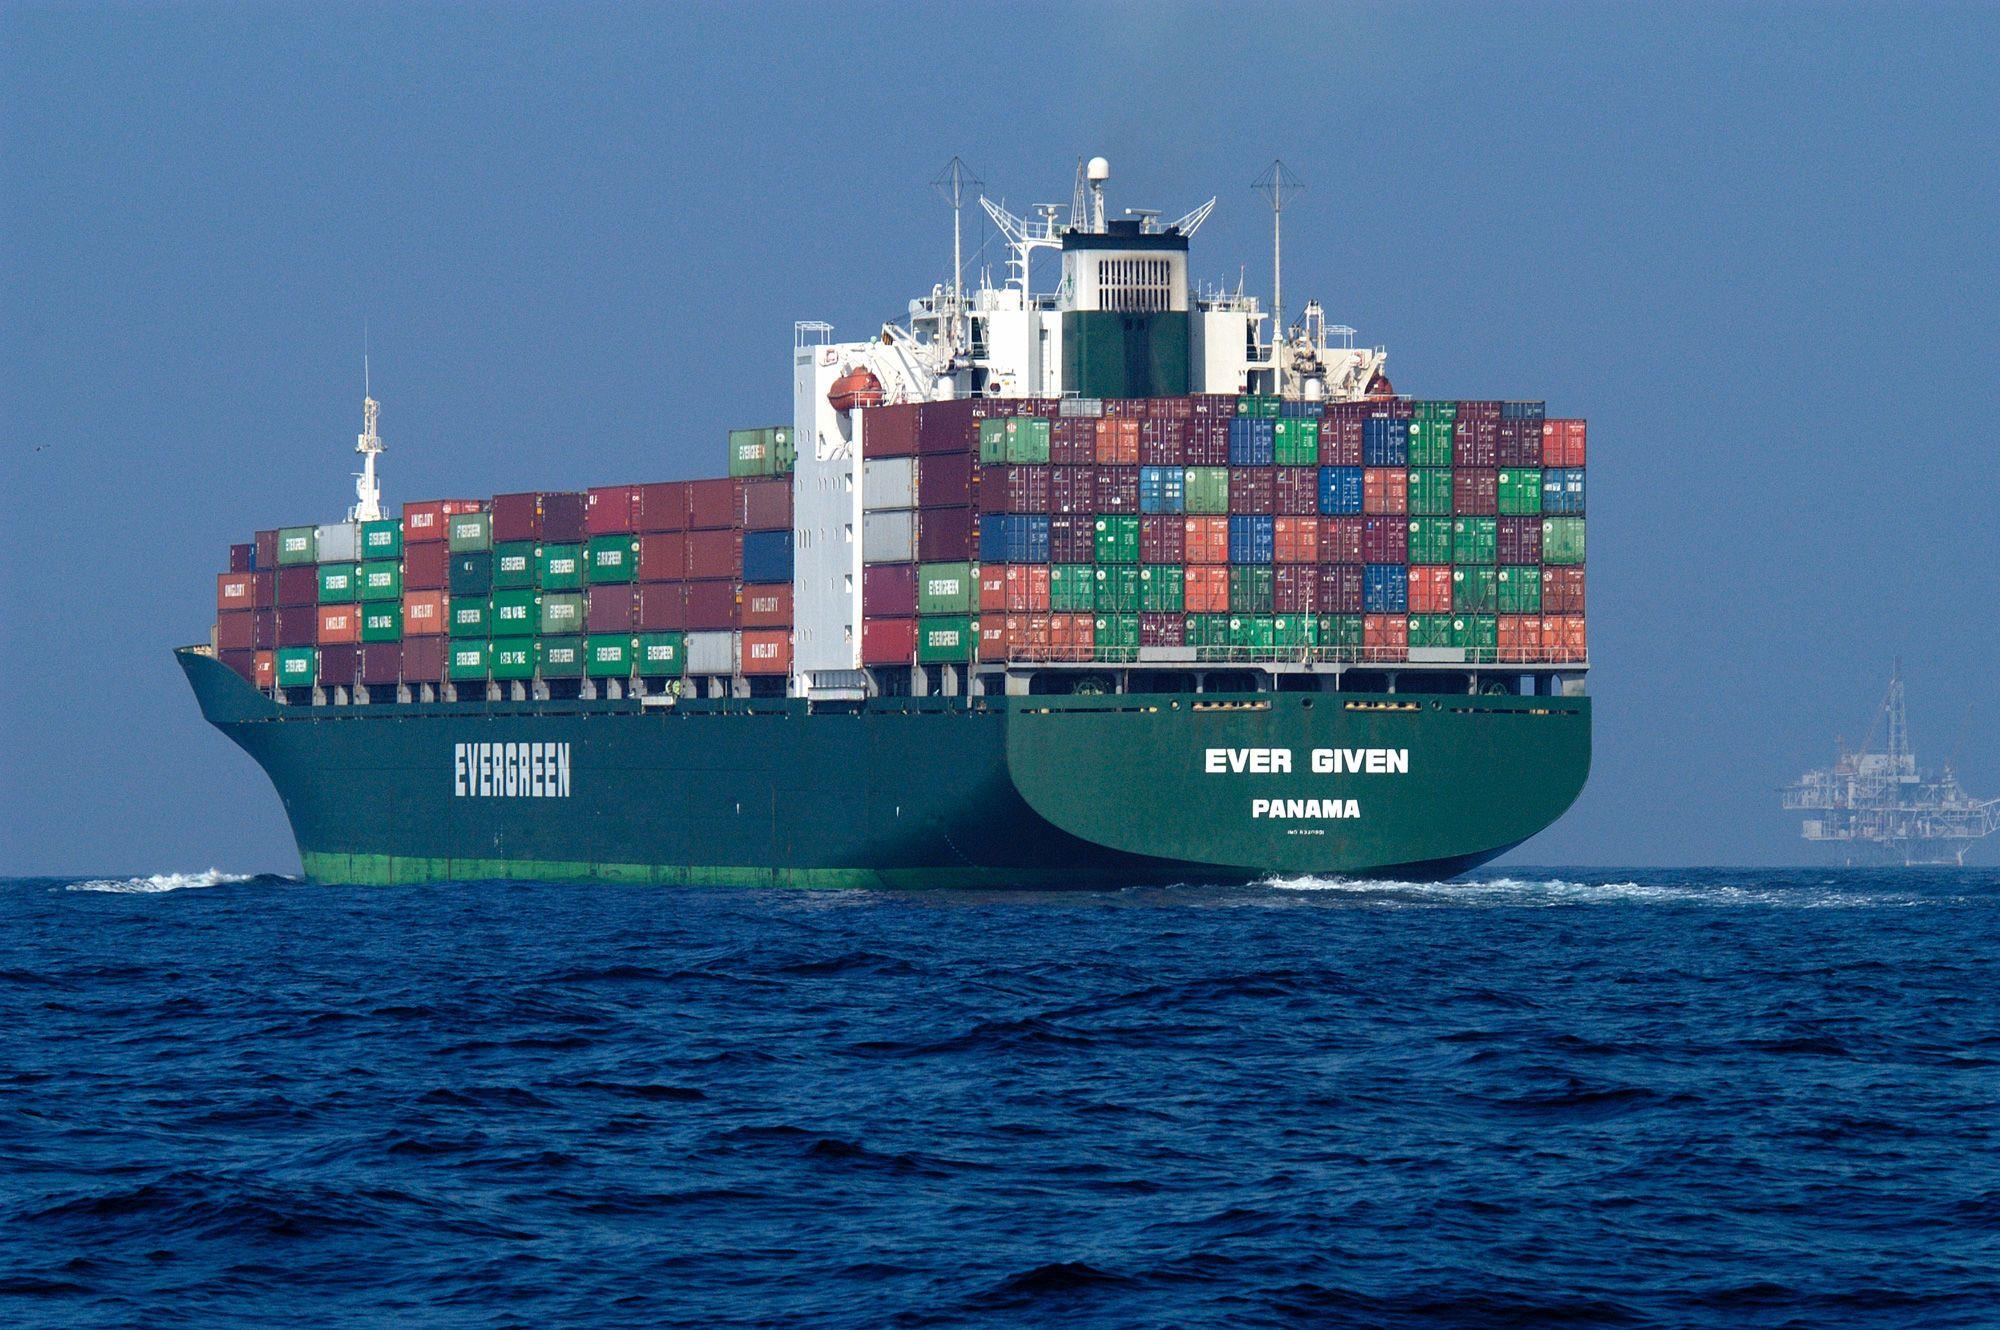 ¿Podría ser que el incidente del Ever Given contribuya a aminorar o detener la tendencia a construir barcos cada vez más grandes? (Creative Commons)